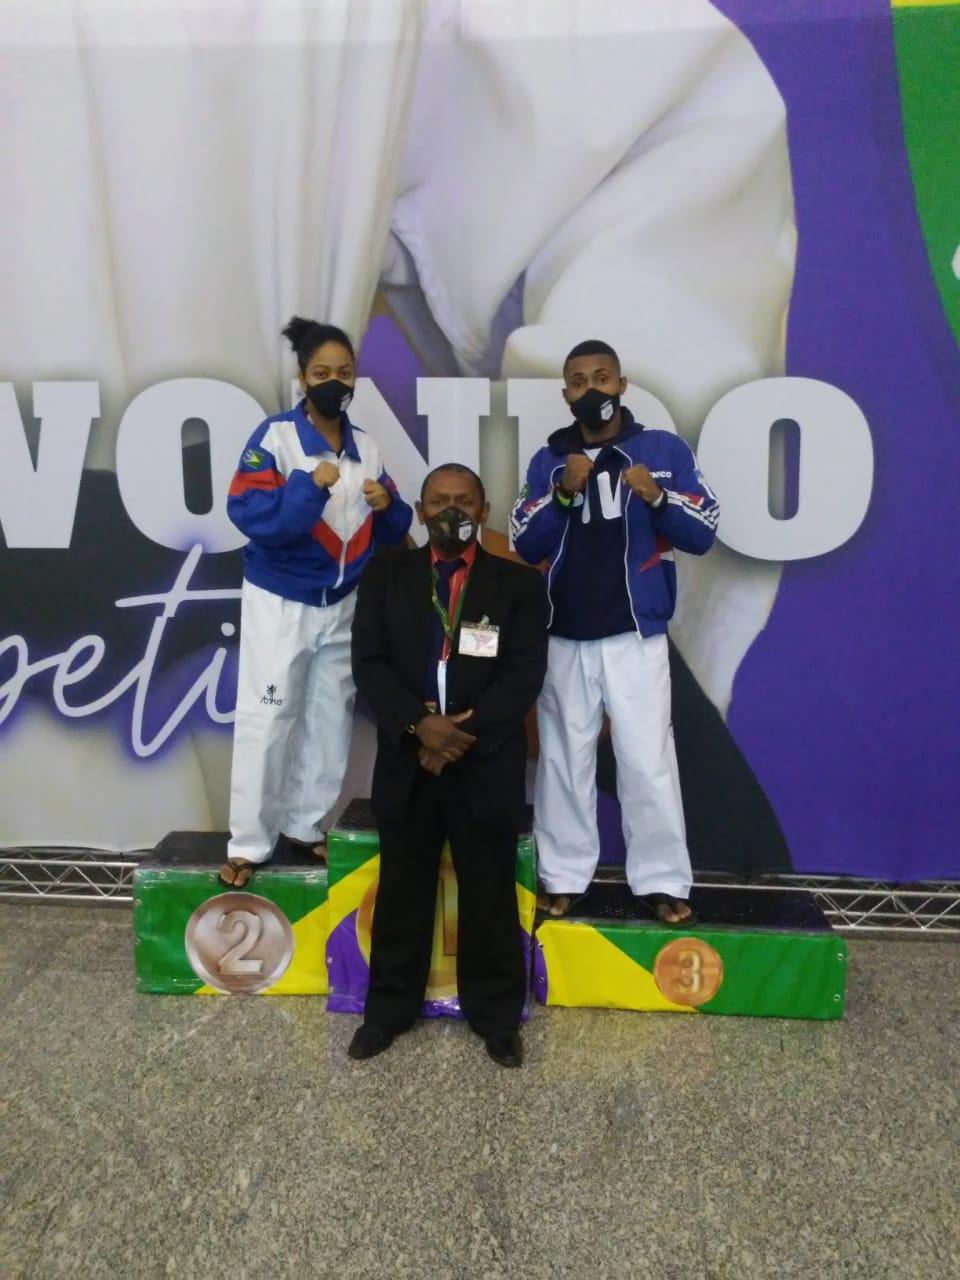 Letícia, esquerda, Mestre Alexandre Santos, centro, e João Marcelo, direita